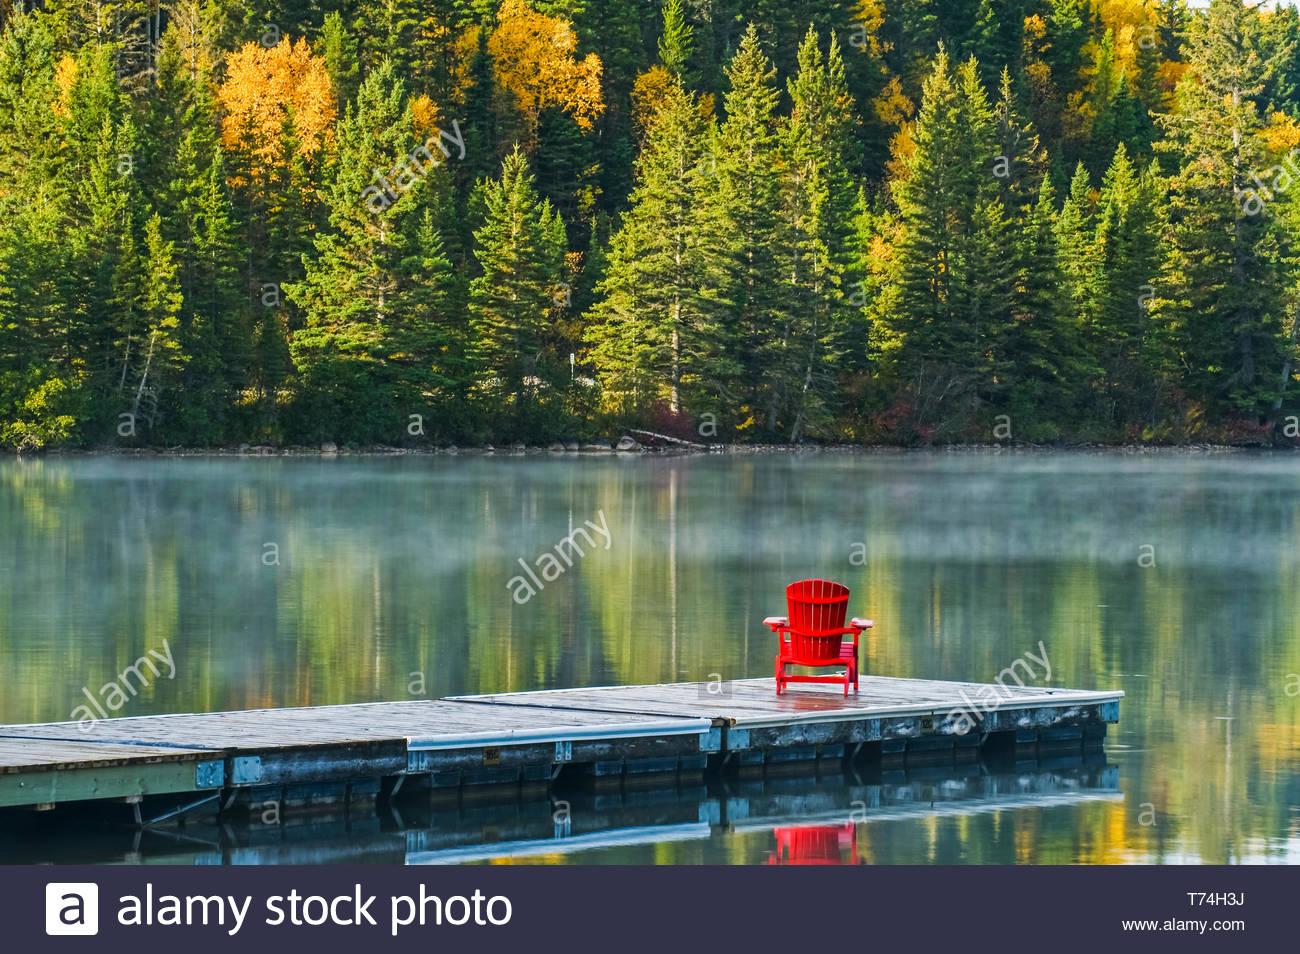 fauteuil muskoka sur dock a l automne feuillage couleur reflete dans l eau du lac tranquille de clear lake parc national du mont riding manitoba canada t74h3j